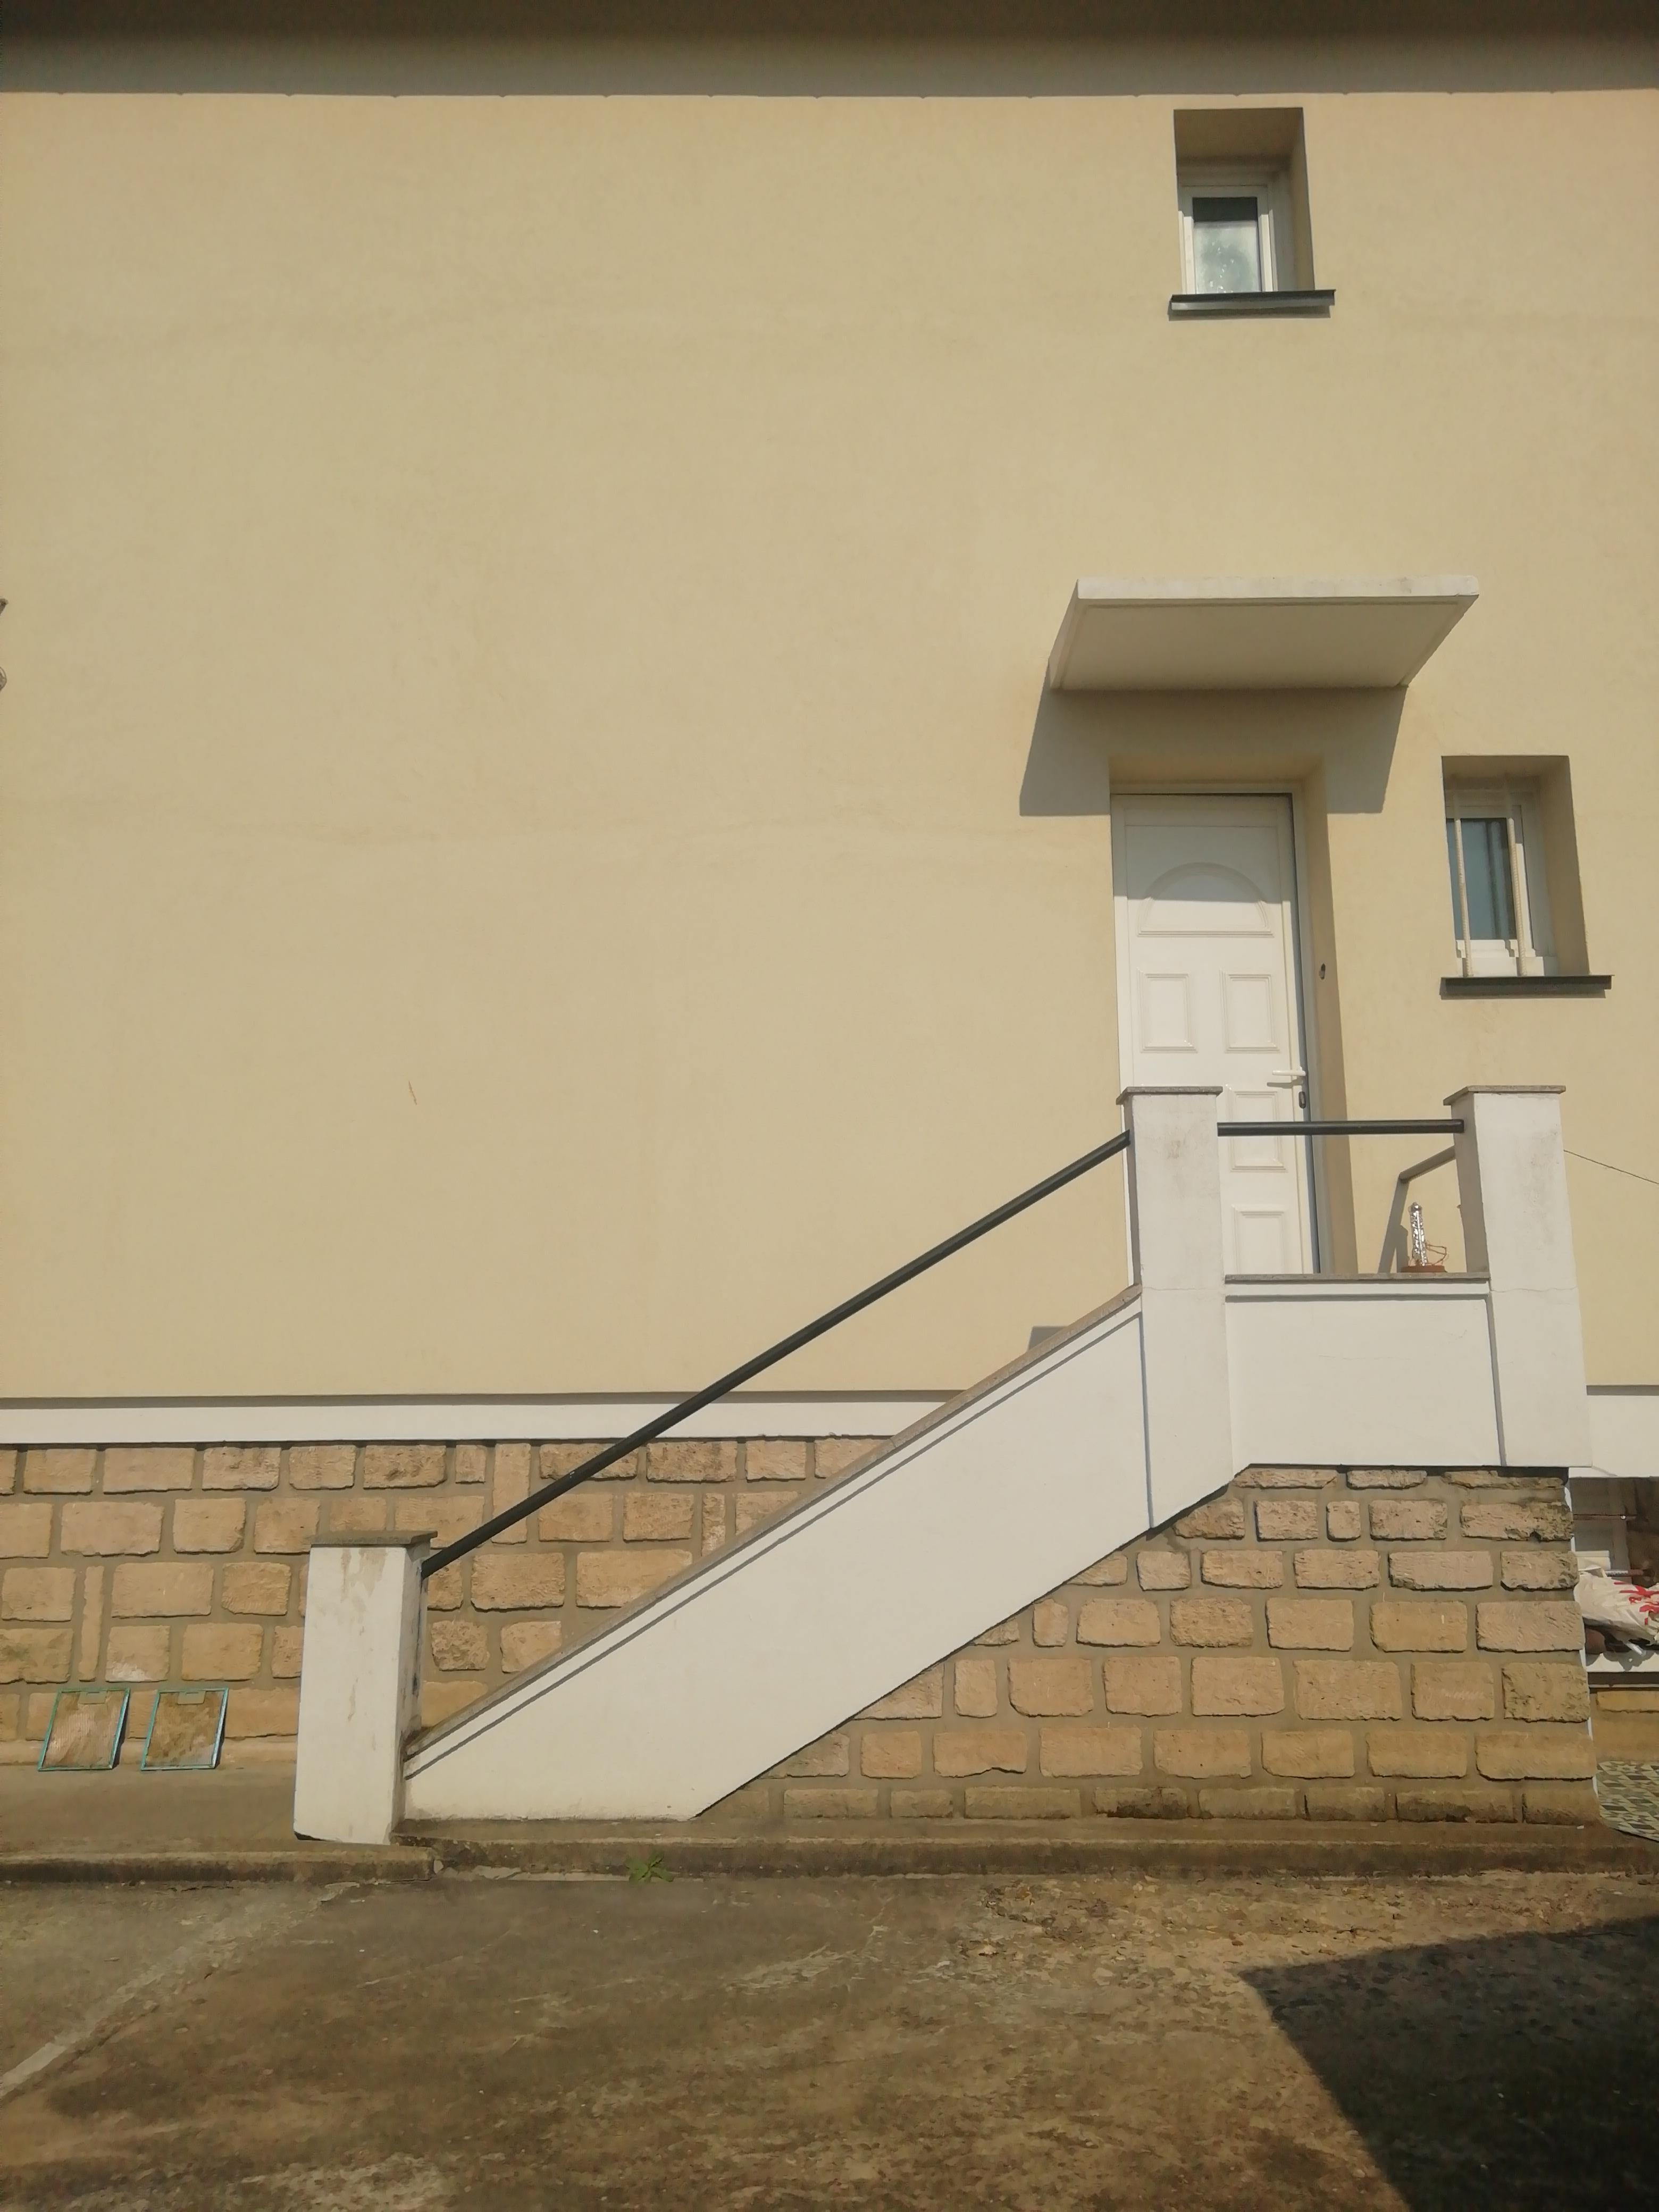 Rue Henriette, 95190 Goussainville, France